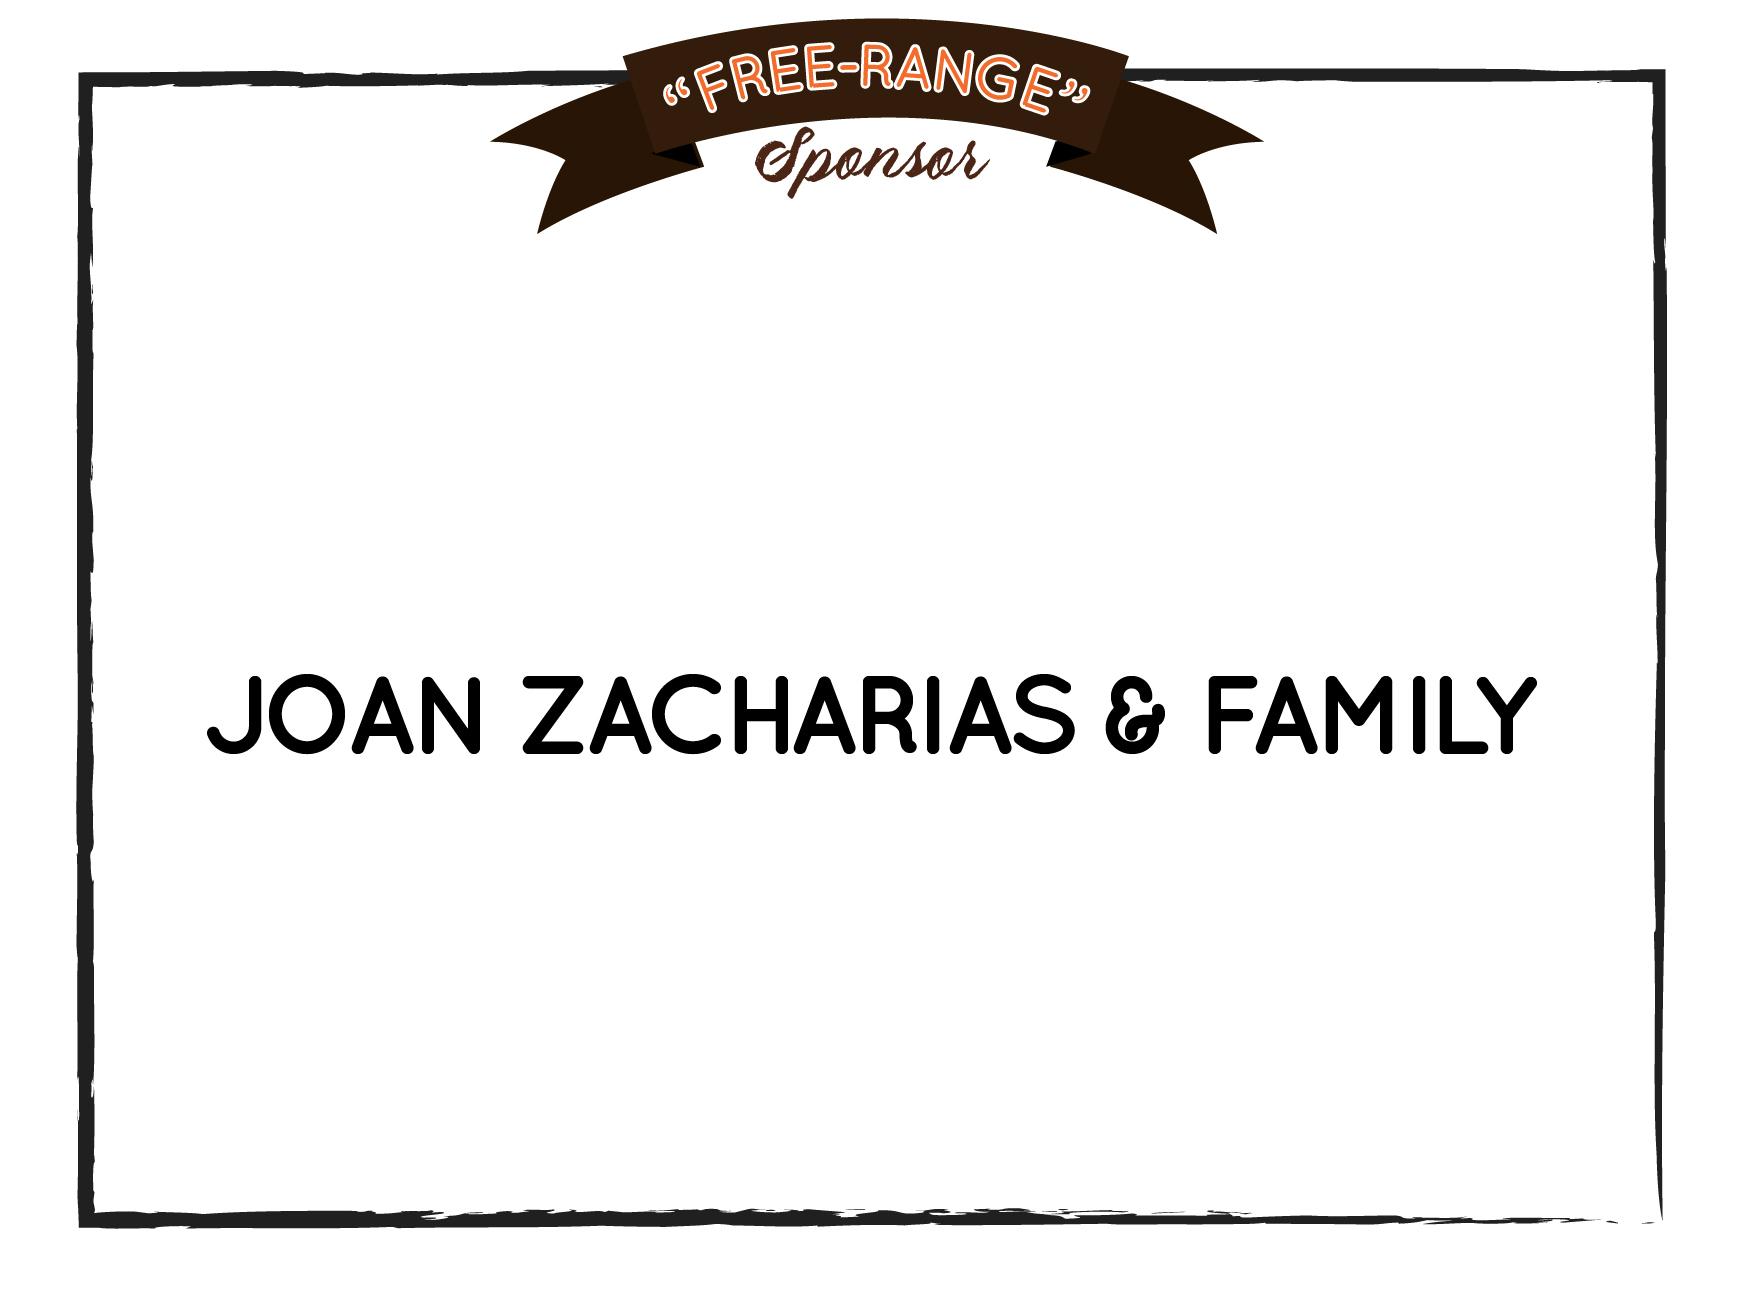 FreeRangeSponsor-Joan.jpg